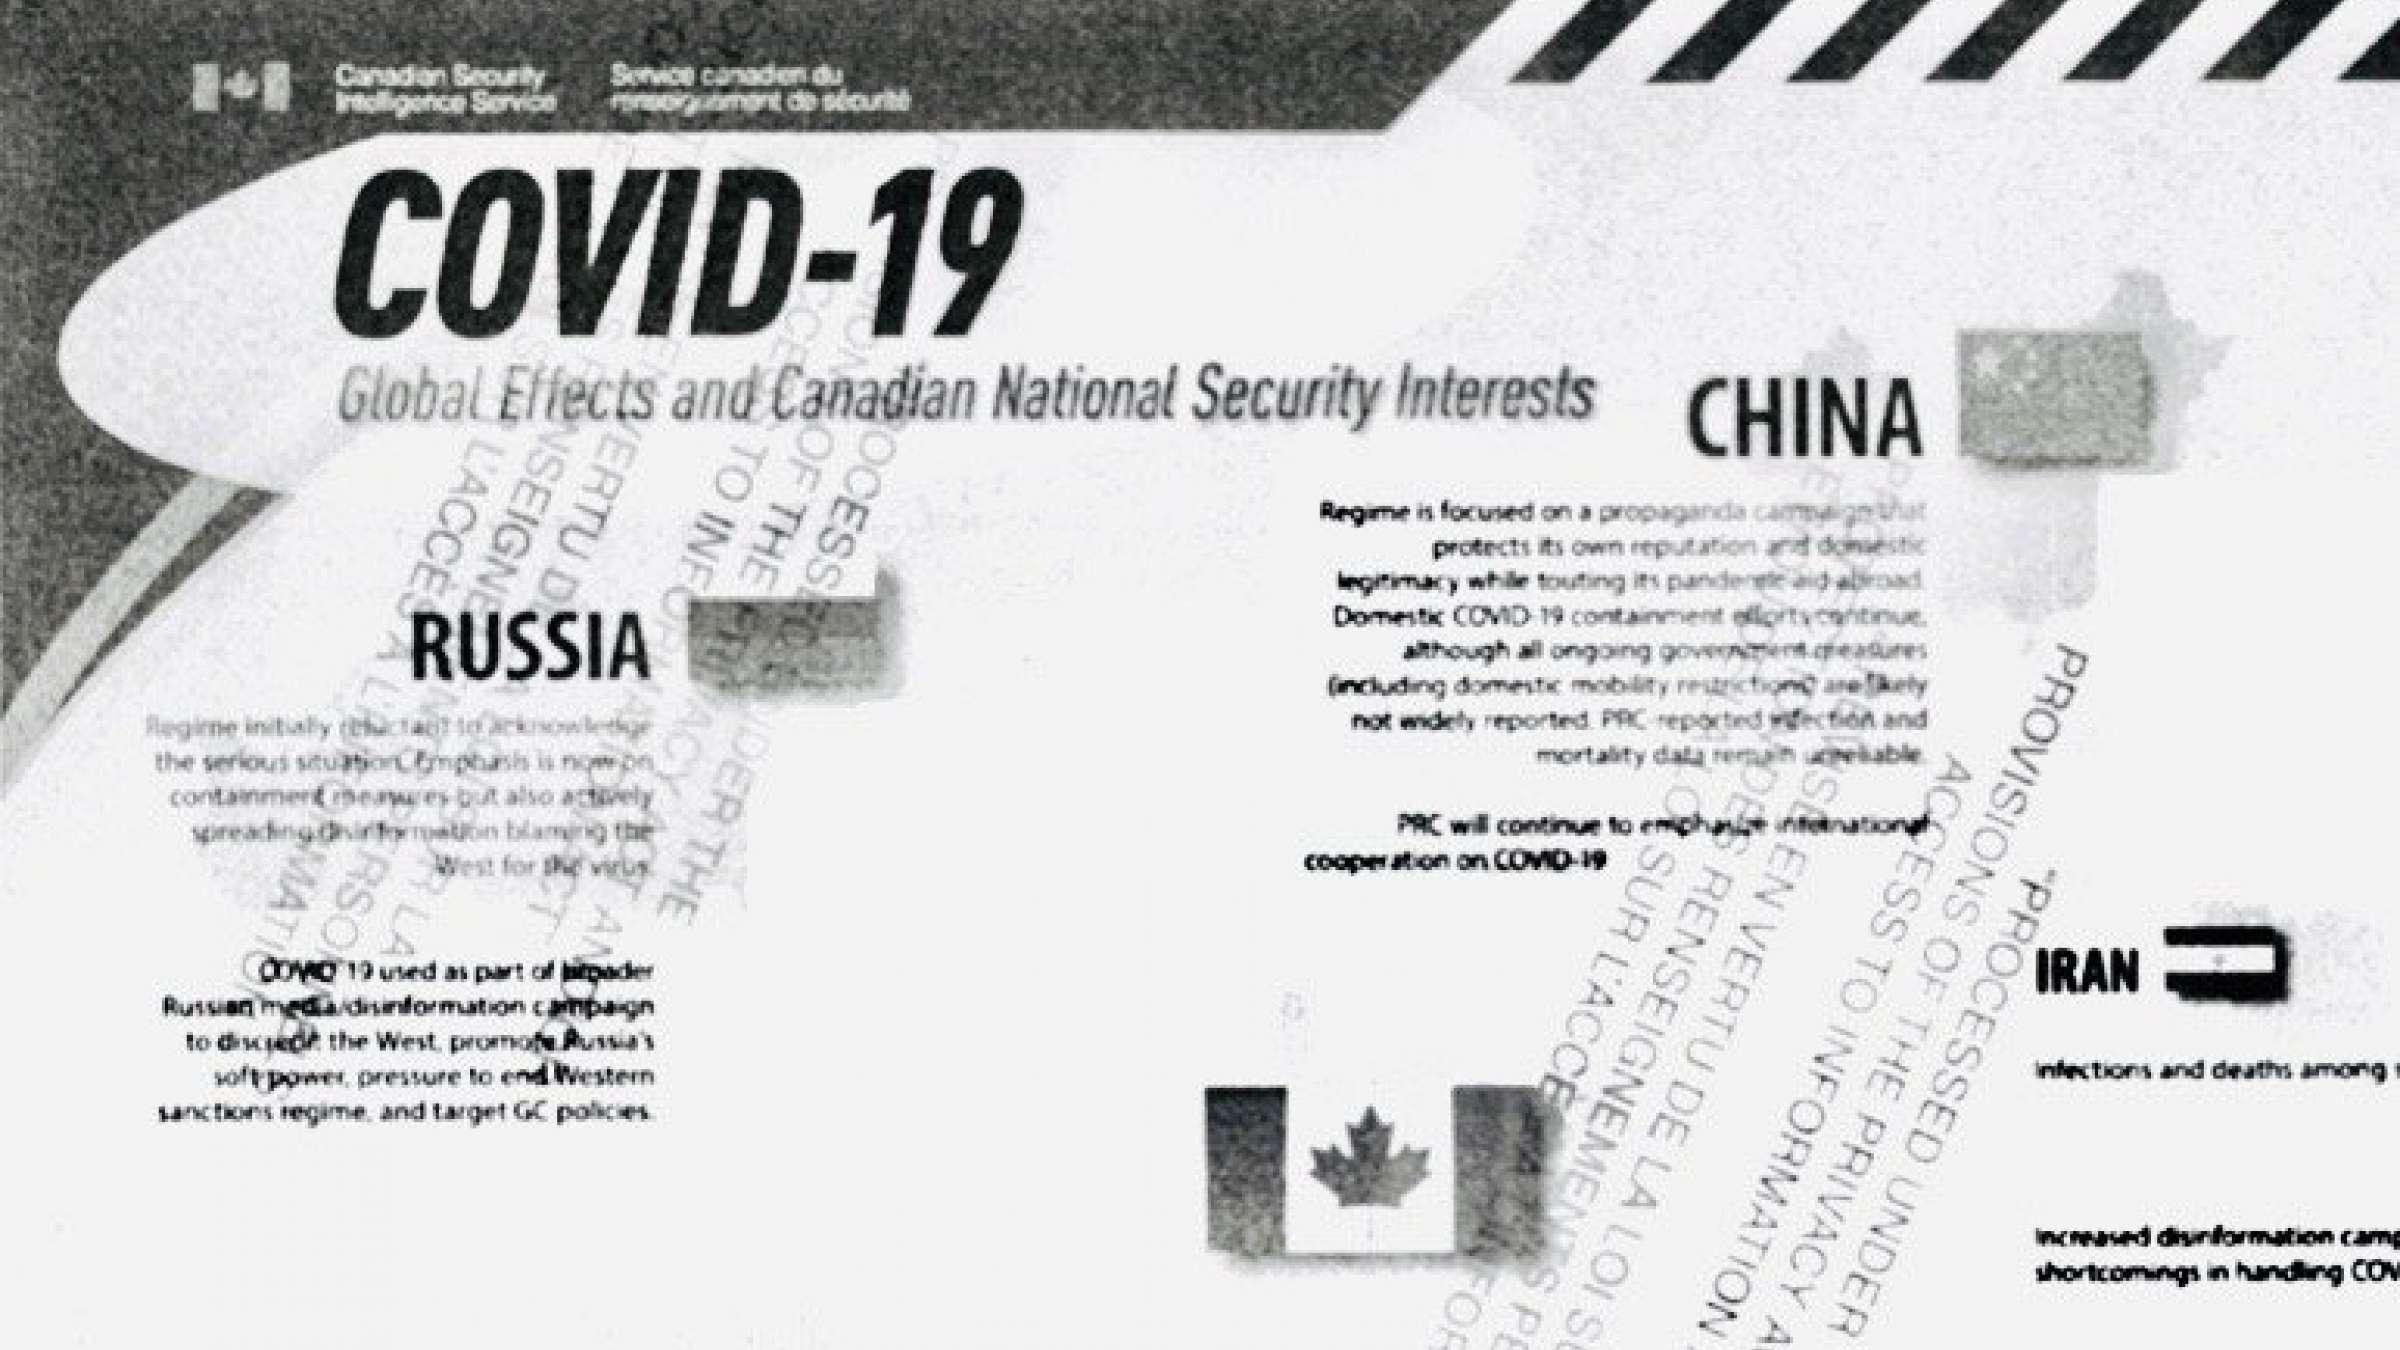 اتهام-جدید-سرویس-امنیتی-کانادا-انتشار-اطلاعات-غلط-در-مقیاس-جهانی-درباره-کرونا-توسط-جمهوری- اسلامی